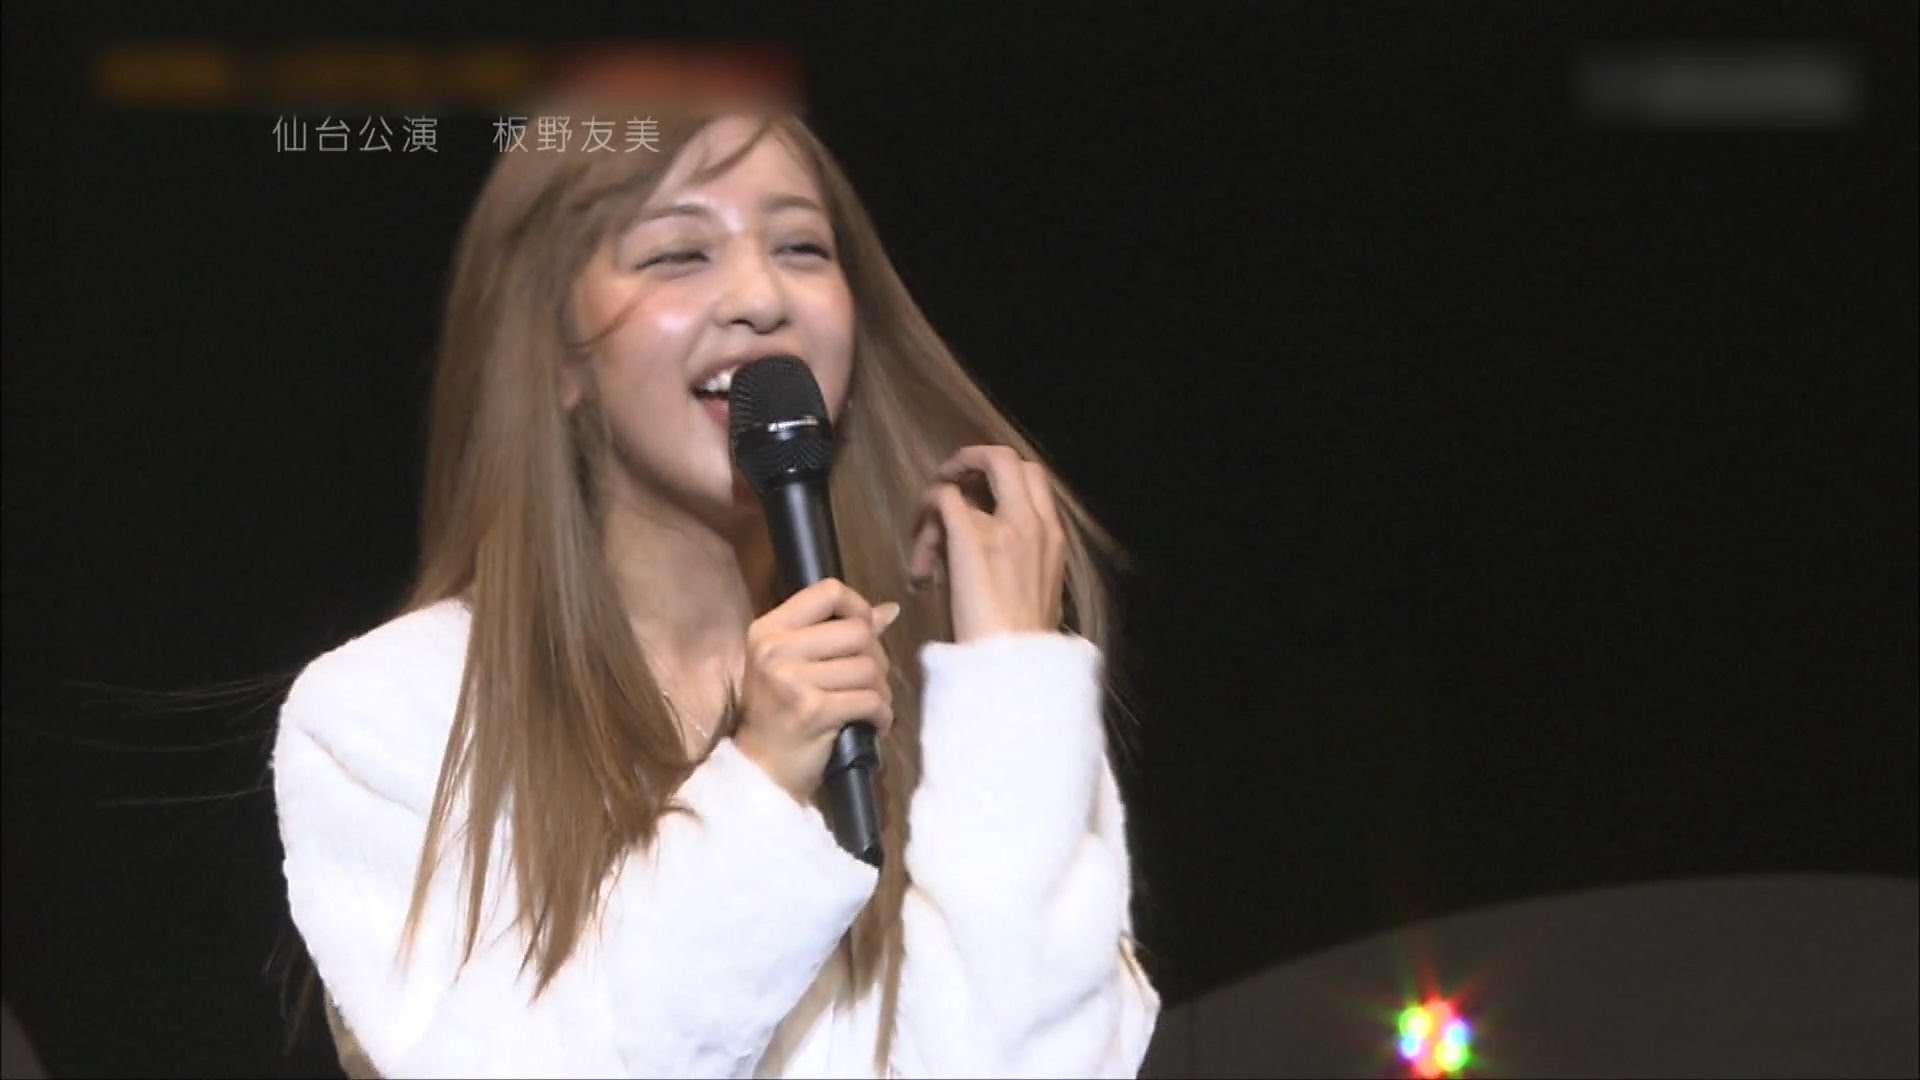 【放送事故】 板野友美 「少女A」 LIVE生歌で大事故 3回歌い直しさせる AKB48 Itano Tomomi 中森明菜 - YouTube